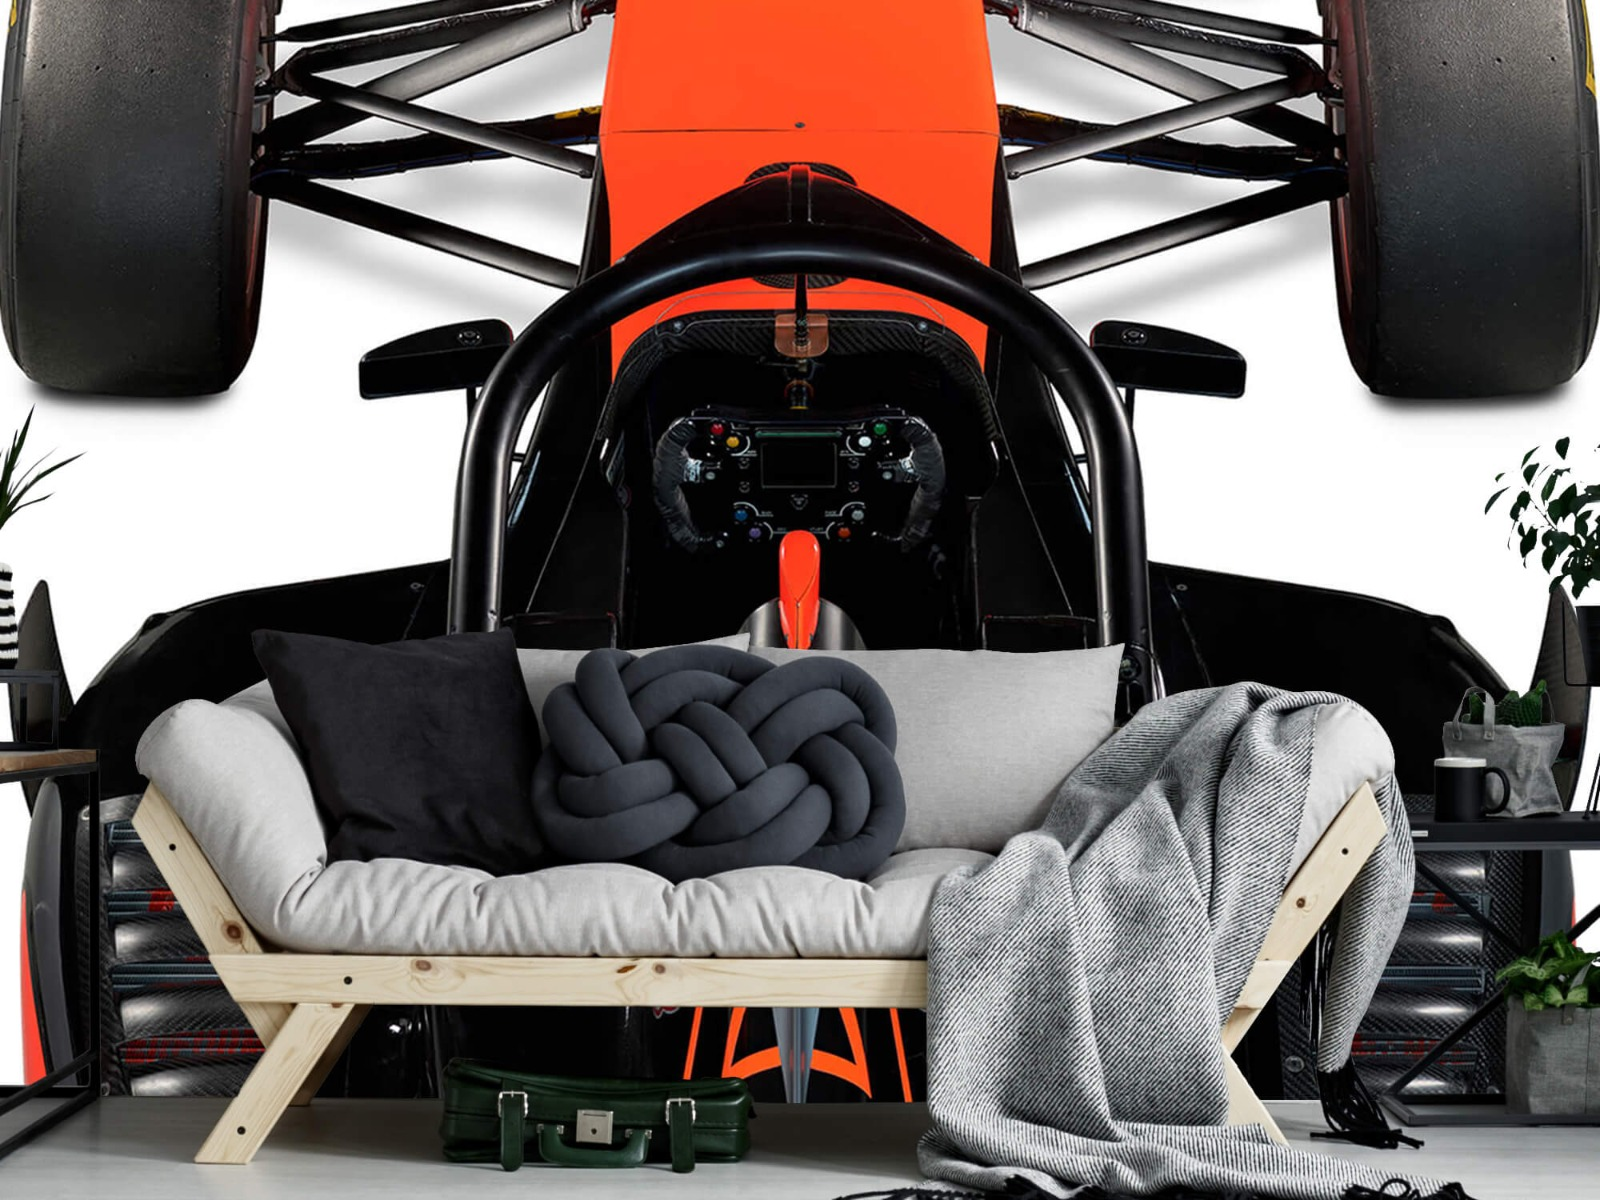 Sportauto's - Formule 3 - Cockpit view - Computerruimte 7